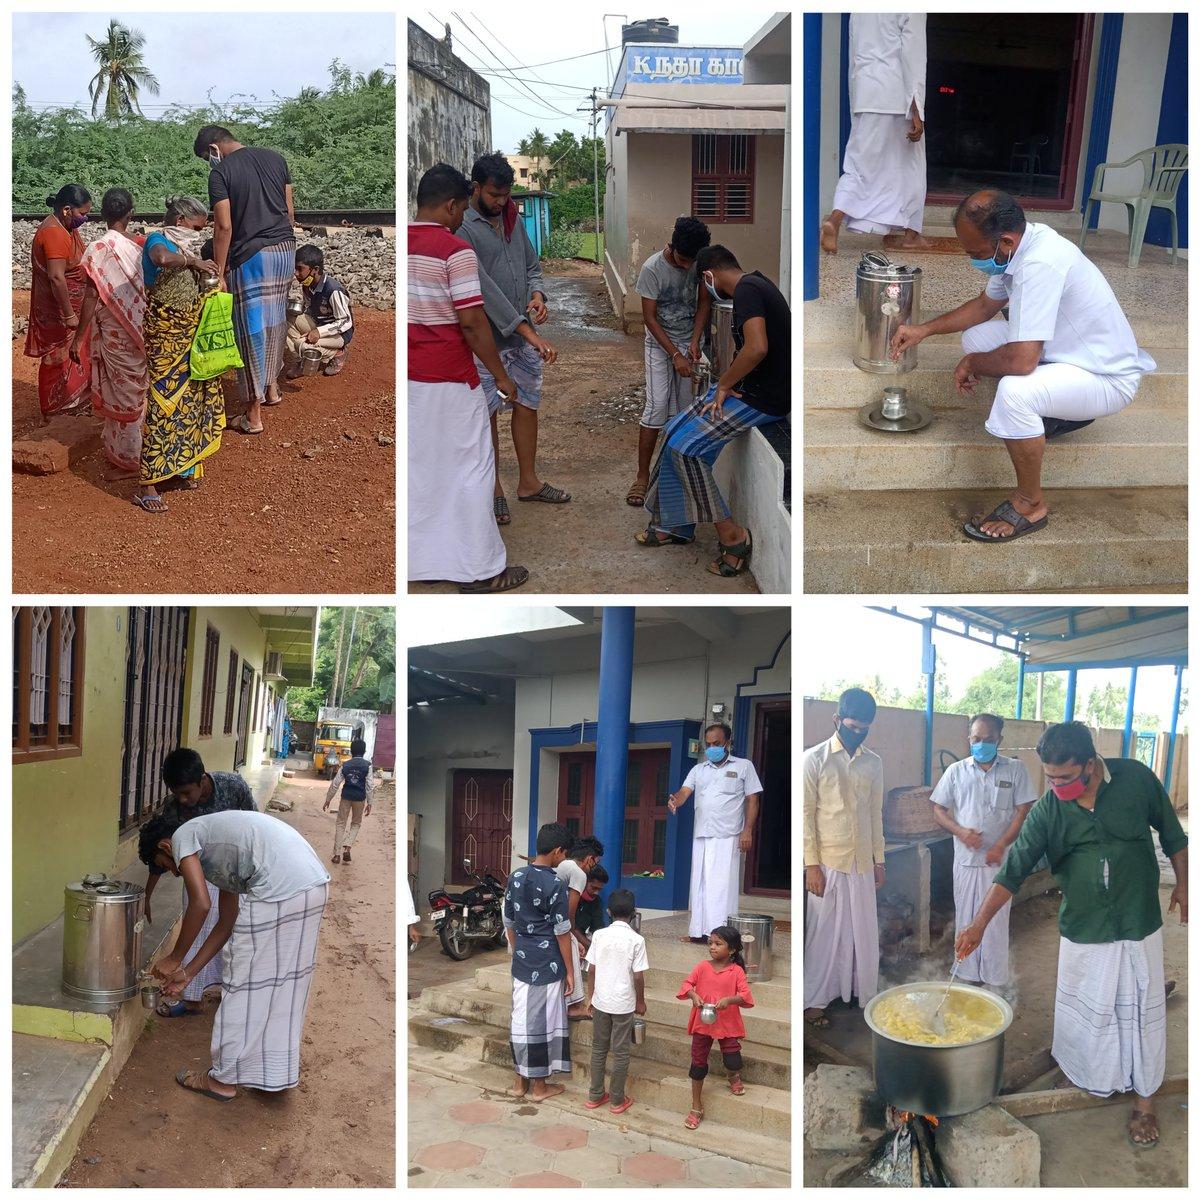 #மூலிகை #டீ  #தமிழ்நாடு #தவ்ஹீத் #ஜமாஅத் #திருவாரூர் #தெற்கு #மாவட்டம்  #முத்துப்பேட்டை #கிளை 1 சார்பாக  04-07-2020 (#சனிக்கிழமை)  நோய் எதிர்ப்பு சக்தி அதிகரிக்க சுகாதார துறையின் அறிவுருத்தலின் படி 🍵(மூலிகை-டீ)🍵  விநியோகம் செய்யப்பட்டது. https://t.co/B6xRn5Xt8v